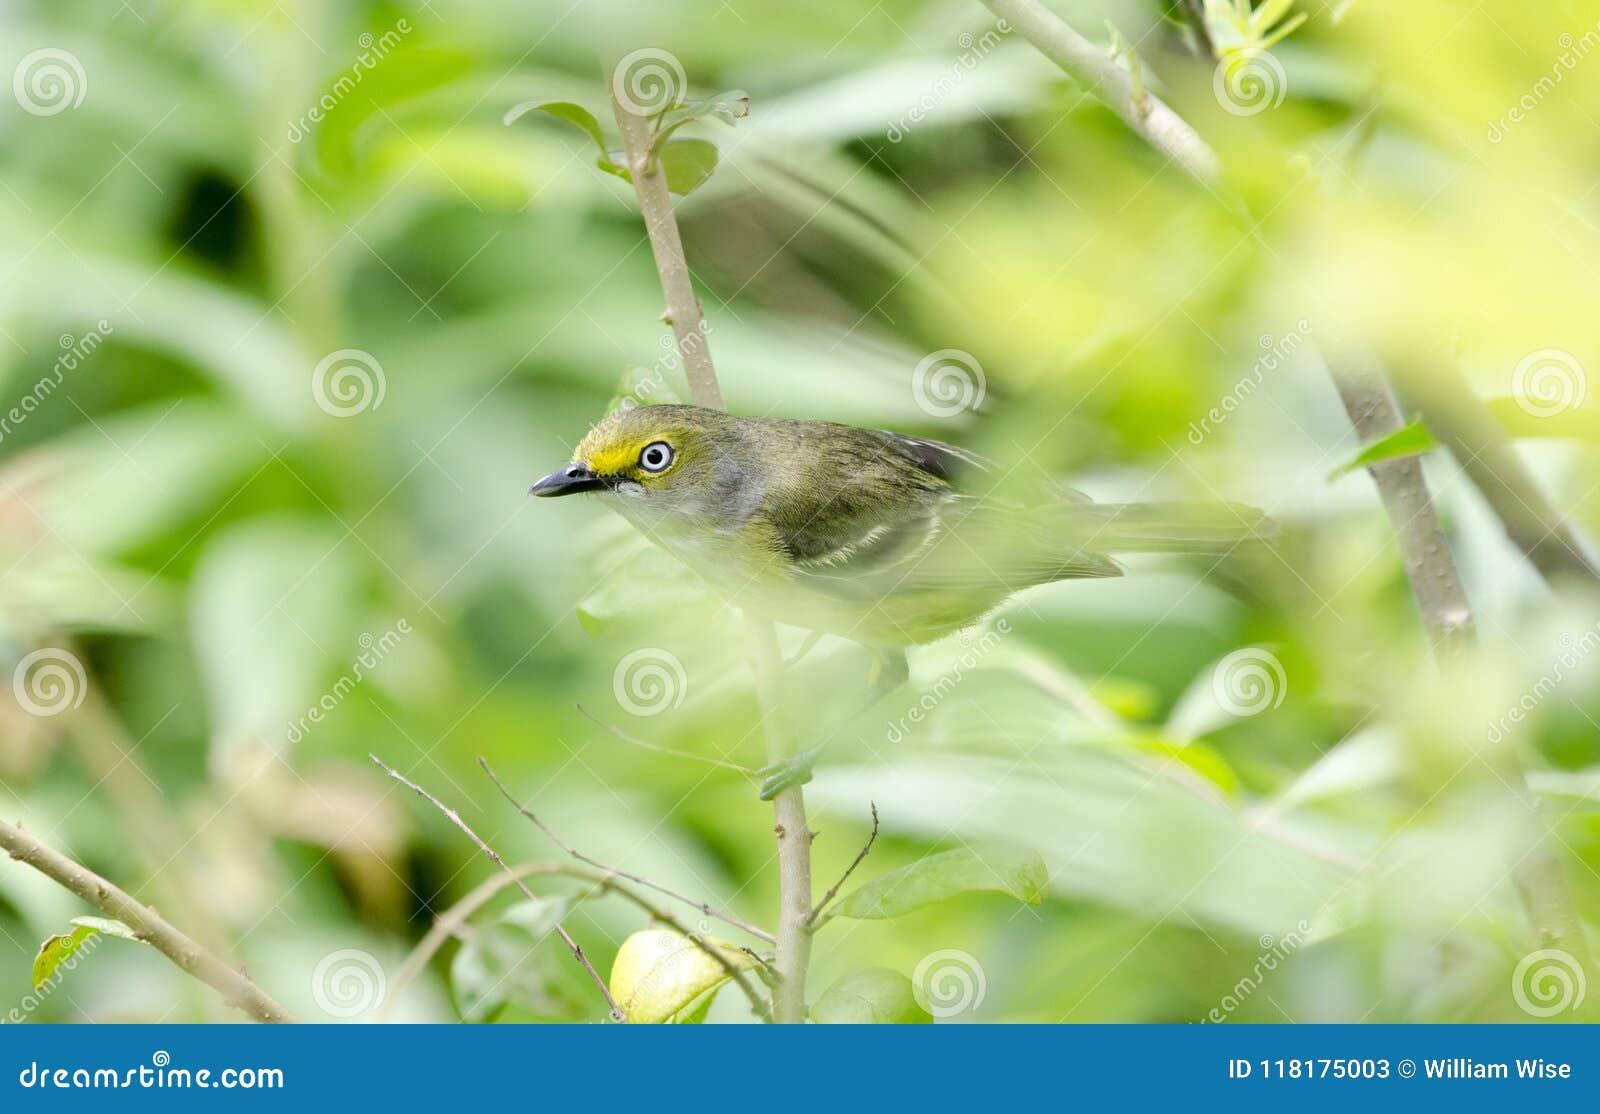 Canto dagli occhi bianchi dell uccello canoro del Vireo in Bradford Pear Tree, Georgia U.S.A.